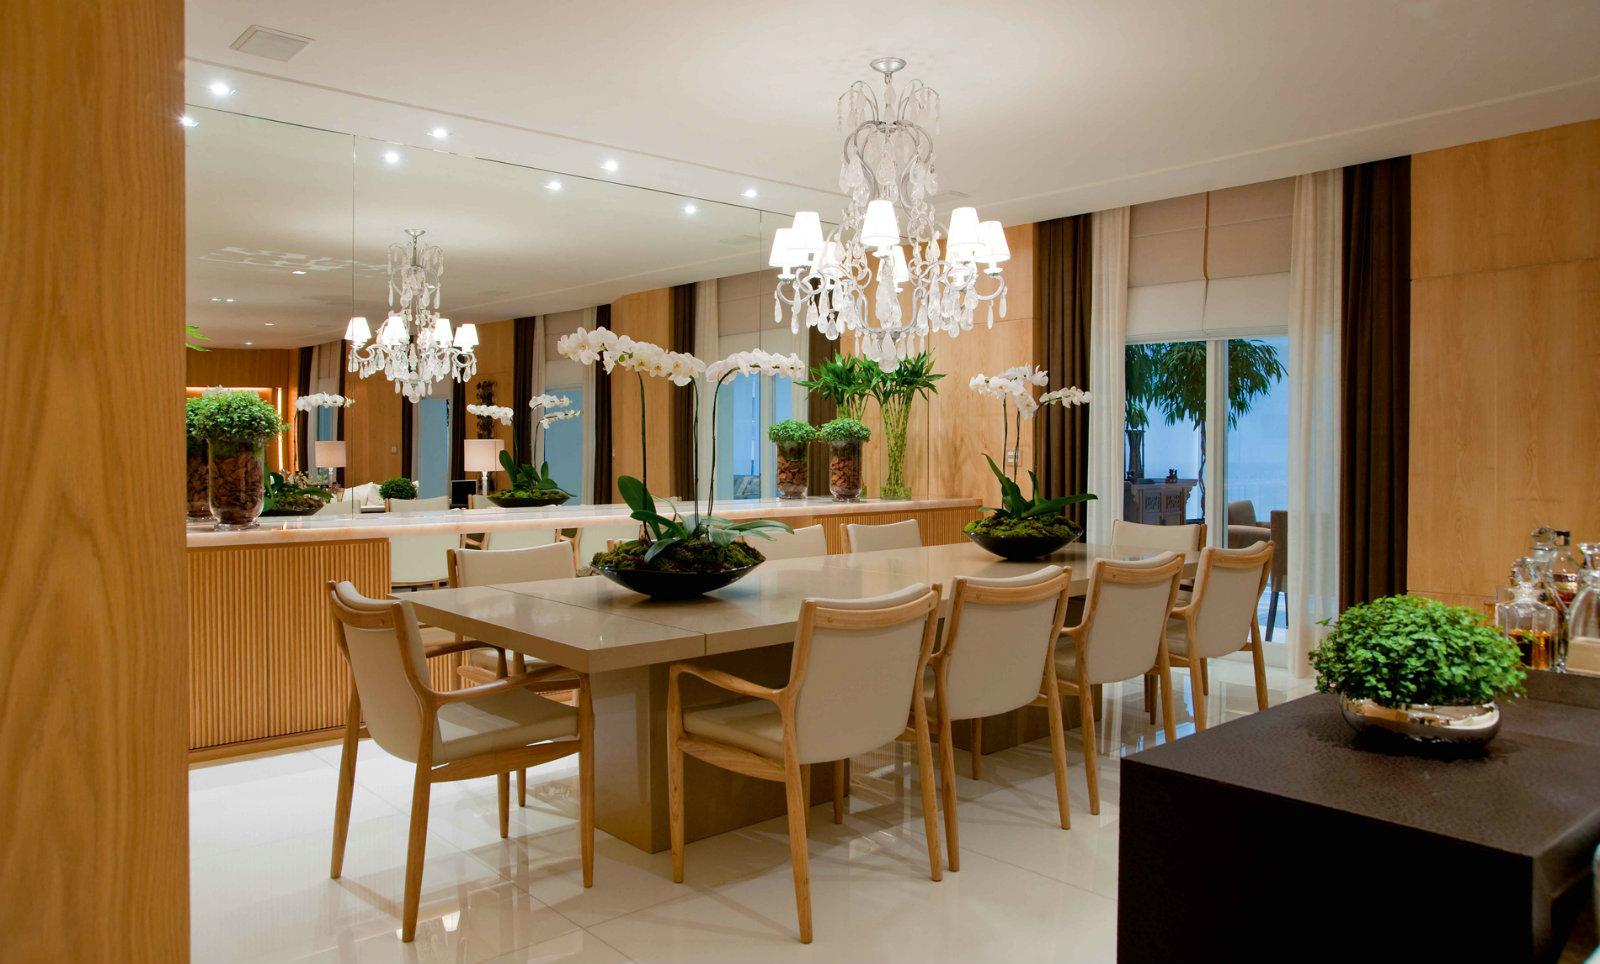 #734919 Surpreendente foto do Dicas para decorar a Sala de Jantar com #734919  1600x964 píxeis em Como Decorar Uma Sala De Tv